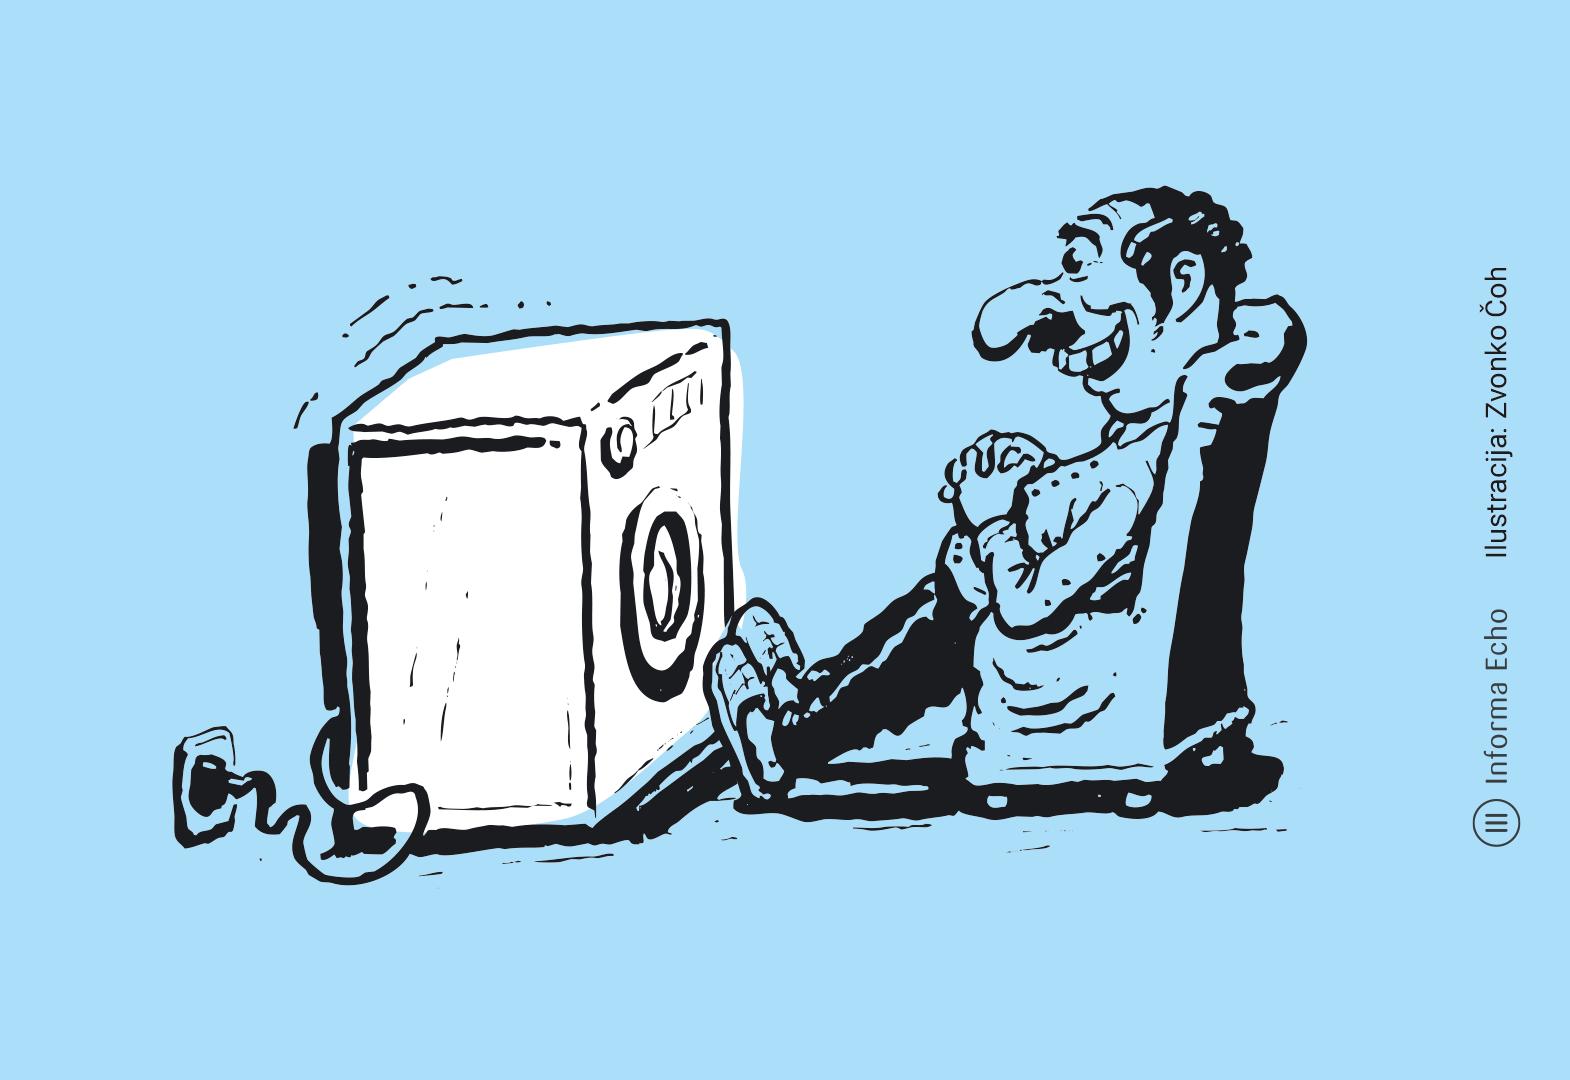 Posebni programi so vredni pozornosti - energetsko učinkovit pralni stroj / Pozitivna energija / Ilustracja: Zvonko Čoh